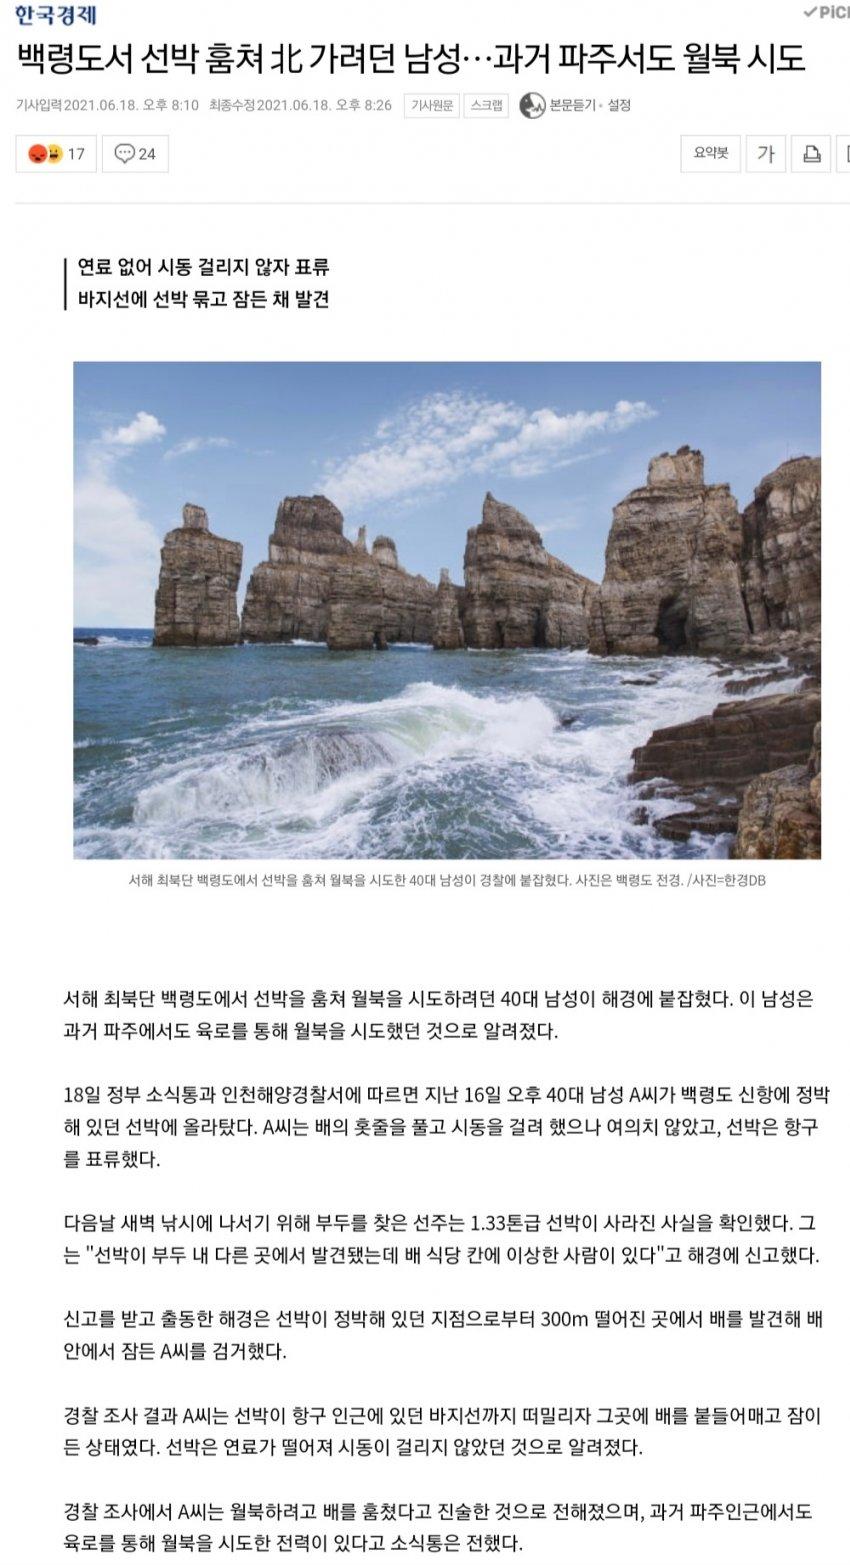 viewimage.php?id=24b0dd29f3d33aaa6bac&no=24b0d769e1d32ca73cec8ffa11d0283137a147df66c0ff0e9ff48d5b5e7056dcc28bd0e3d551addb3252a8db2c3579b61ee893b9dc6a40469d4df3fbe64d43dfd9212ad6f075bce59f892c77f8f4e0e442194dda974674682e6123a0b683ad604f991c0c82b4